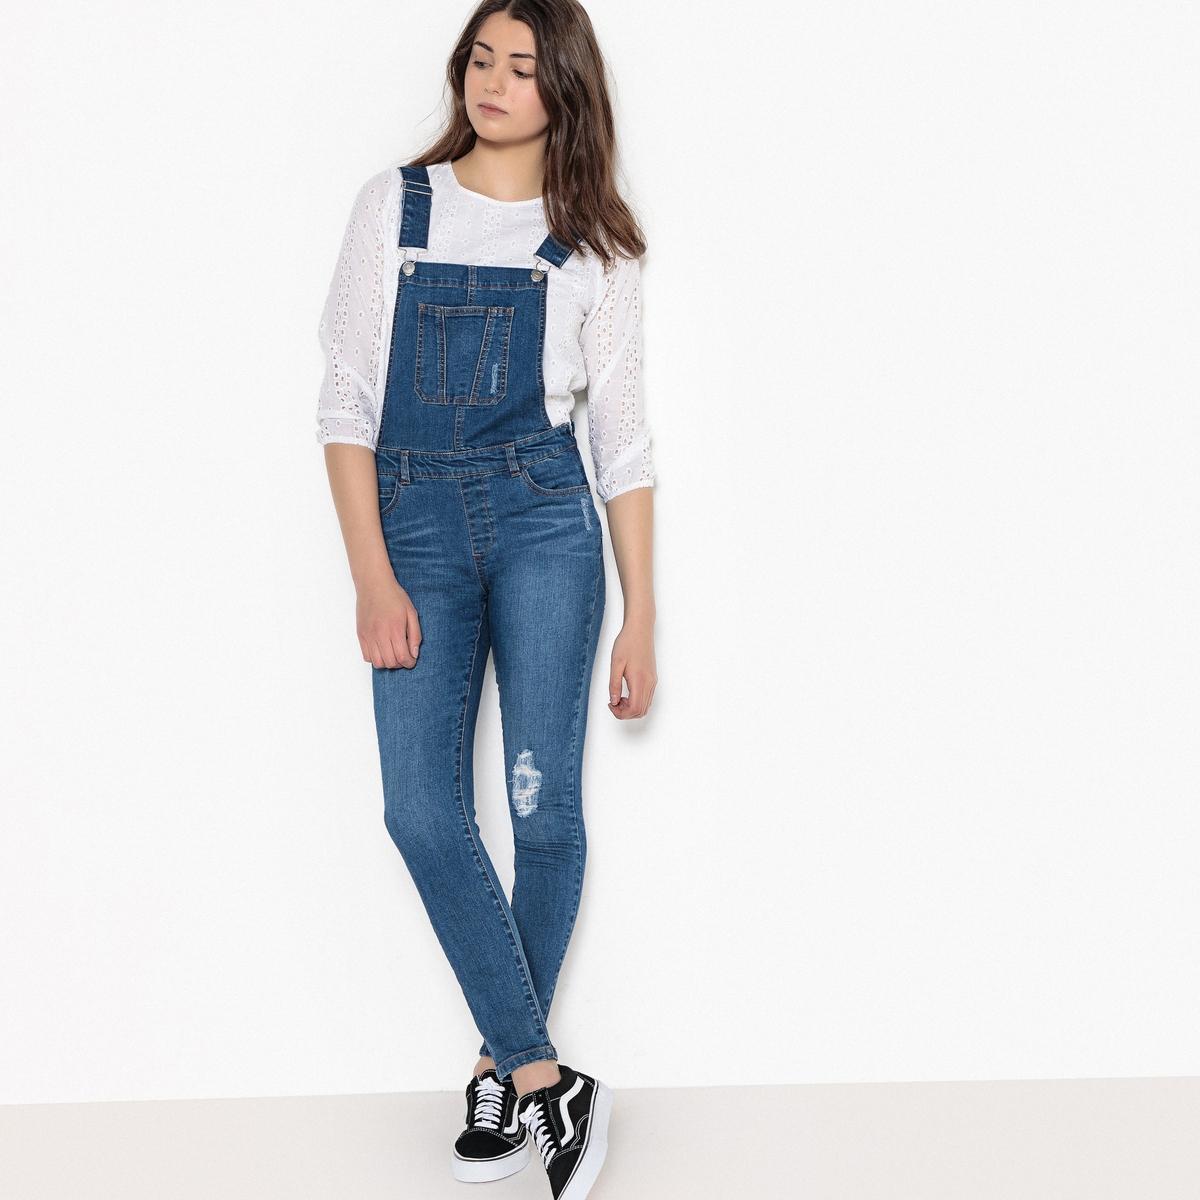 Комбинезон джинсовый с рваным эффектом, 10-16 лет